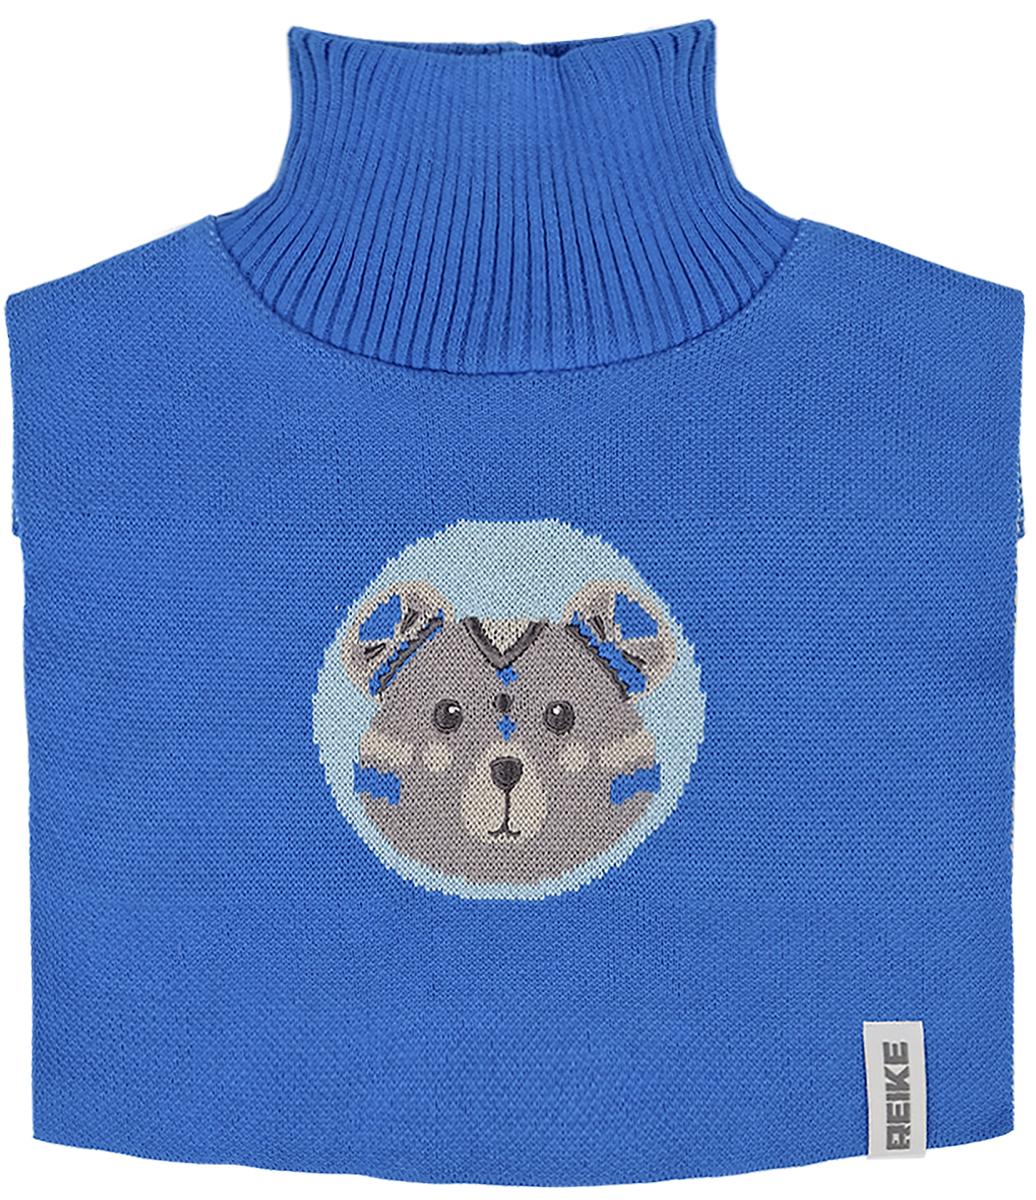 Манишка для мальчиков Reike, цвет: синий. RDC1718_IFC blue. Размер универсальныйRDC1718_IFC blueМанишка Reike благодаря плотной вязке защитит шею и грудь ребенка от ветра и холода. Удобно надевается под верхнюю одежду.